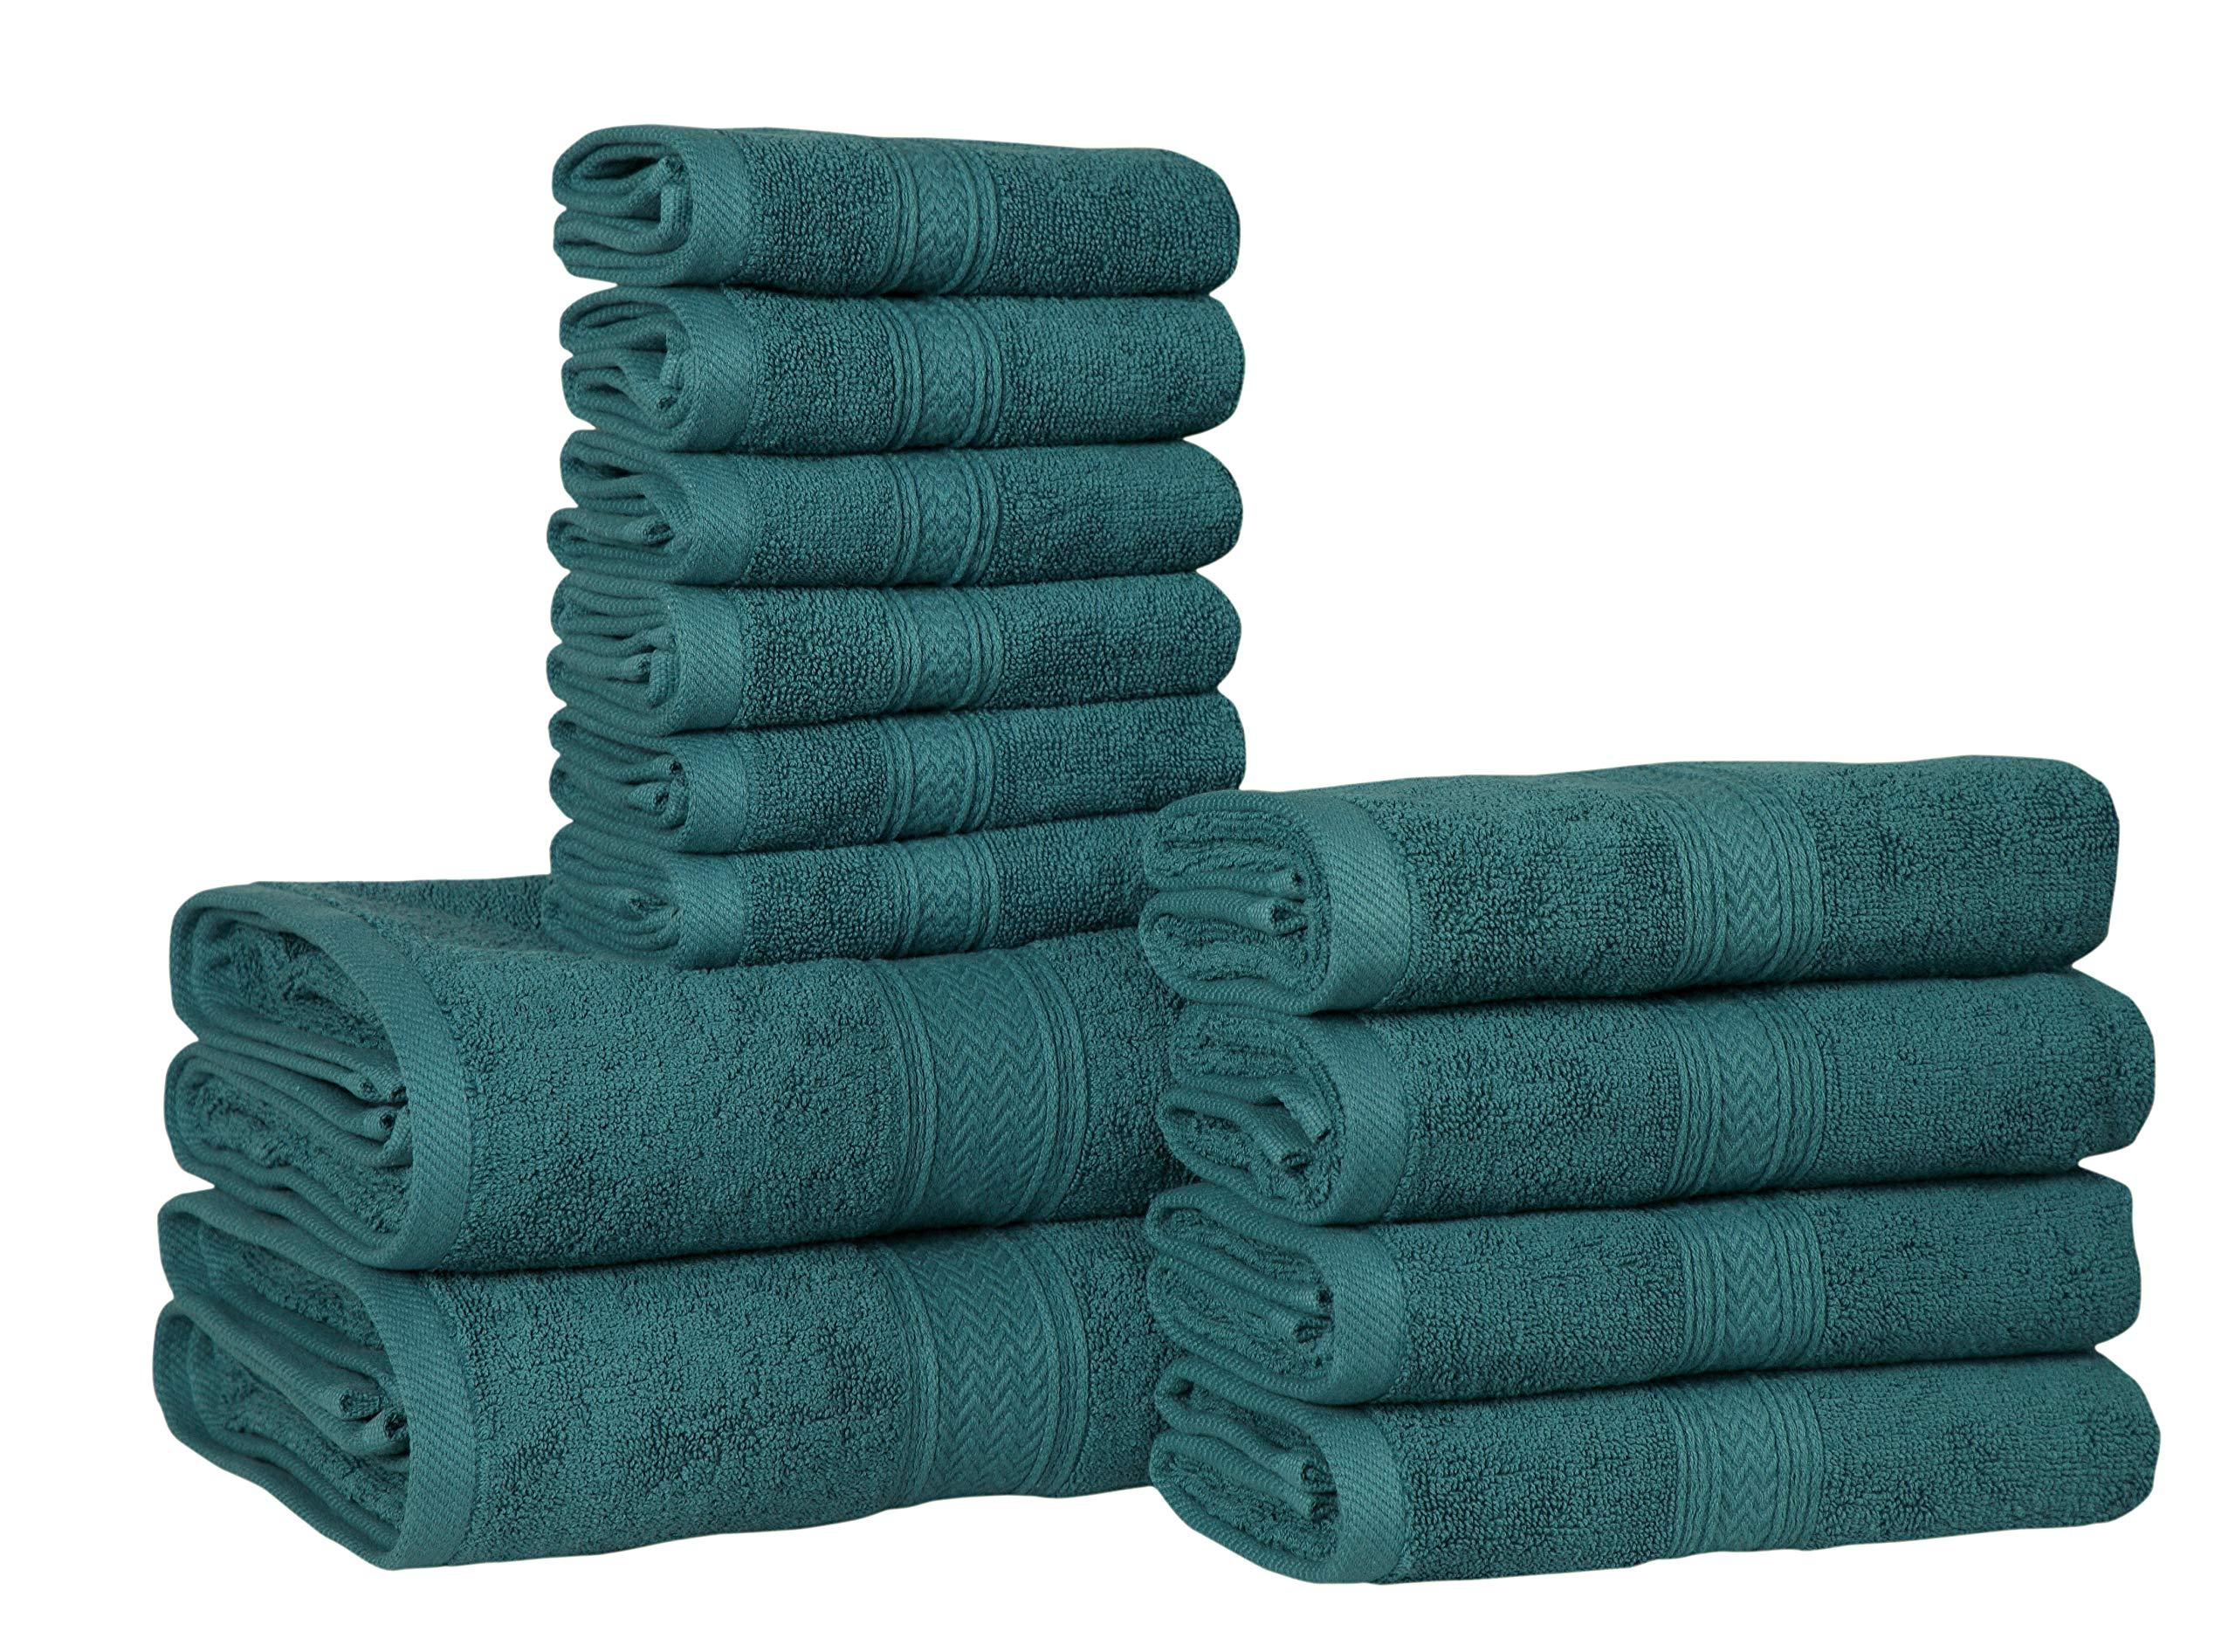 HILLFAIR 12 Piece- 600 GSM Cotton Bath Towels Set - Hotel Spa Towels Set- 2 Bath Towels, 4 Hand Towels, 6 Washcloths- Absorbent Super Soft Cotton Towels Set- Teal Towel Set- 100% Cotton Towel Set